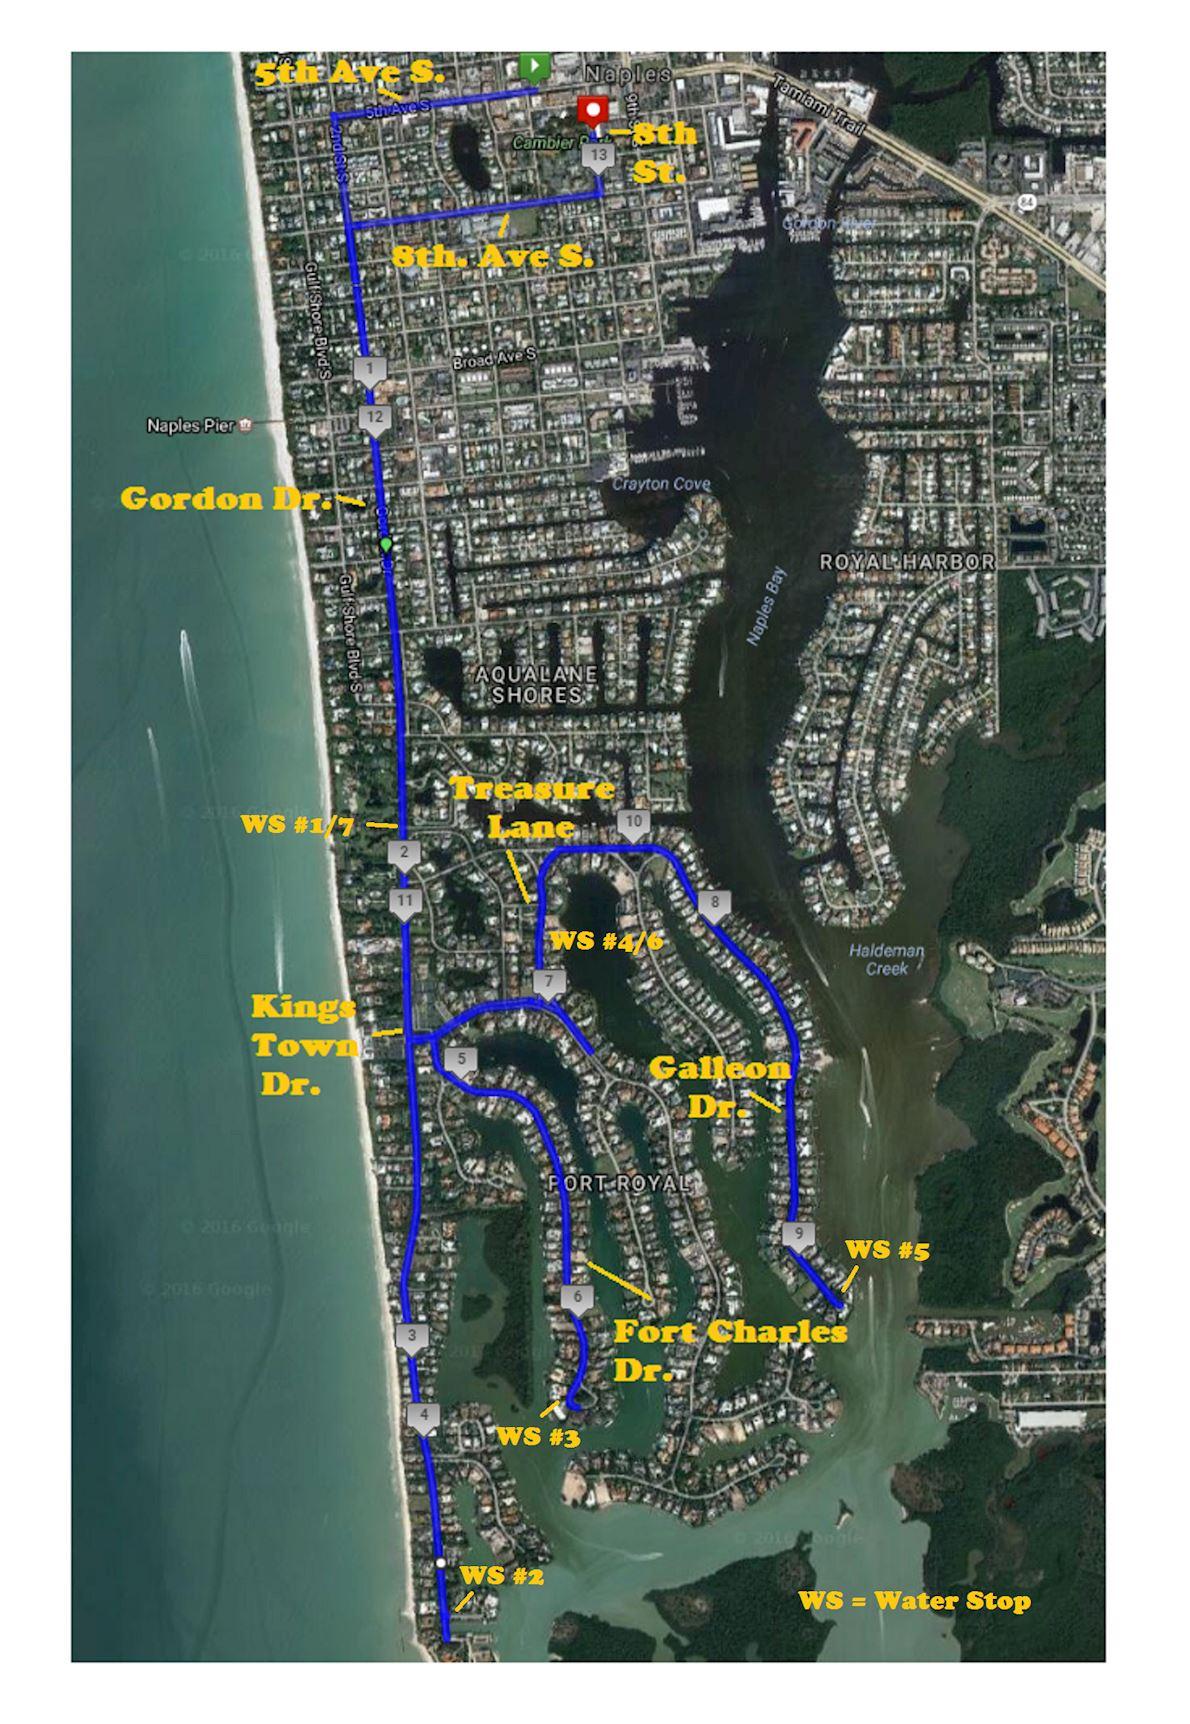 Naples Daily News Half Marathon MAPA DEL RECORRIDO DE